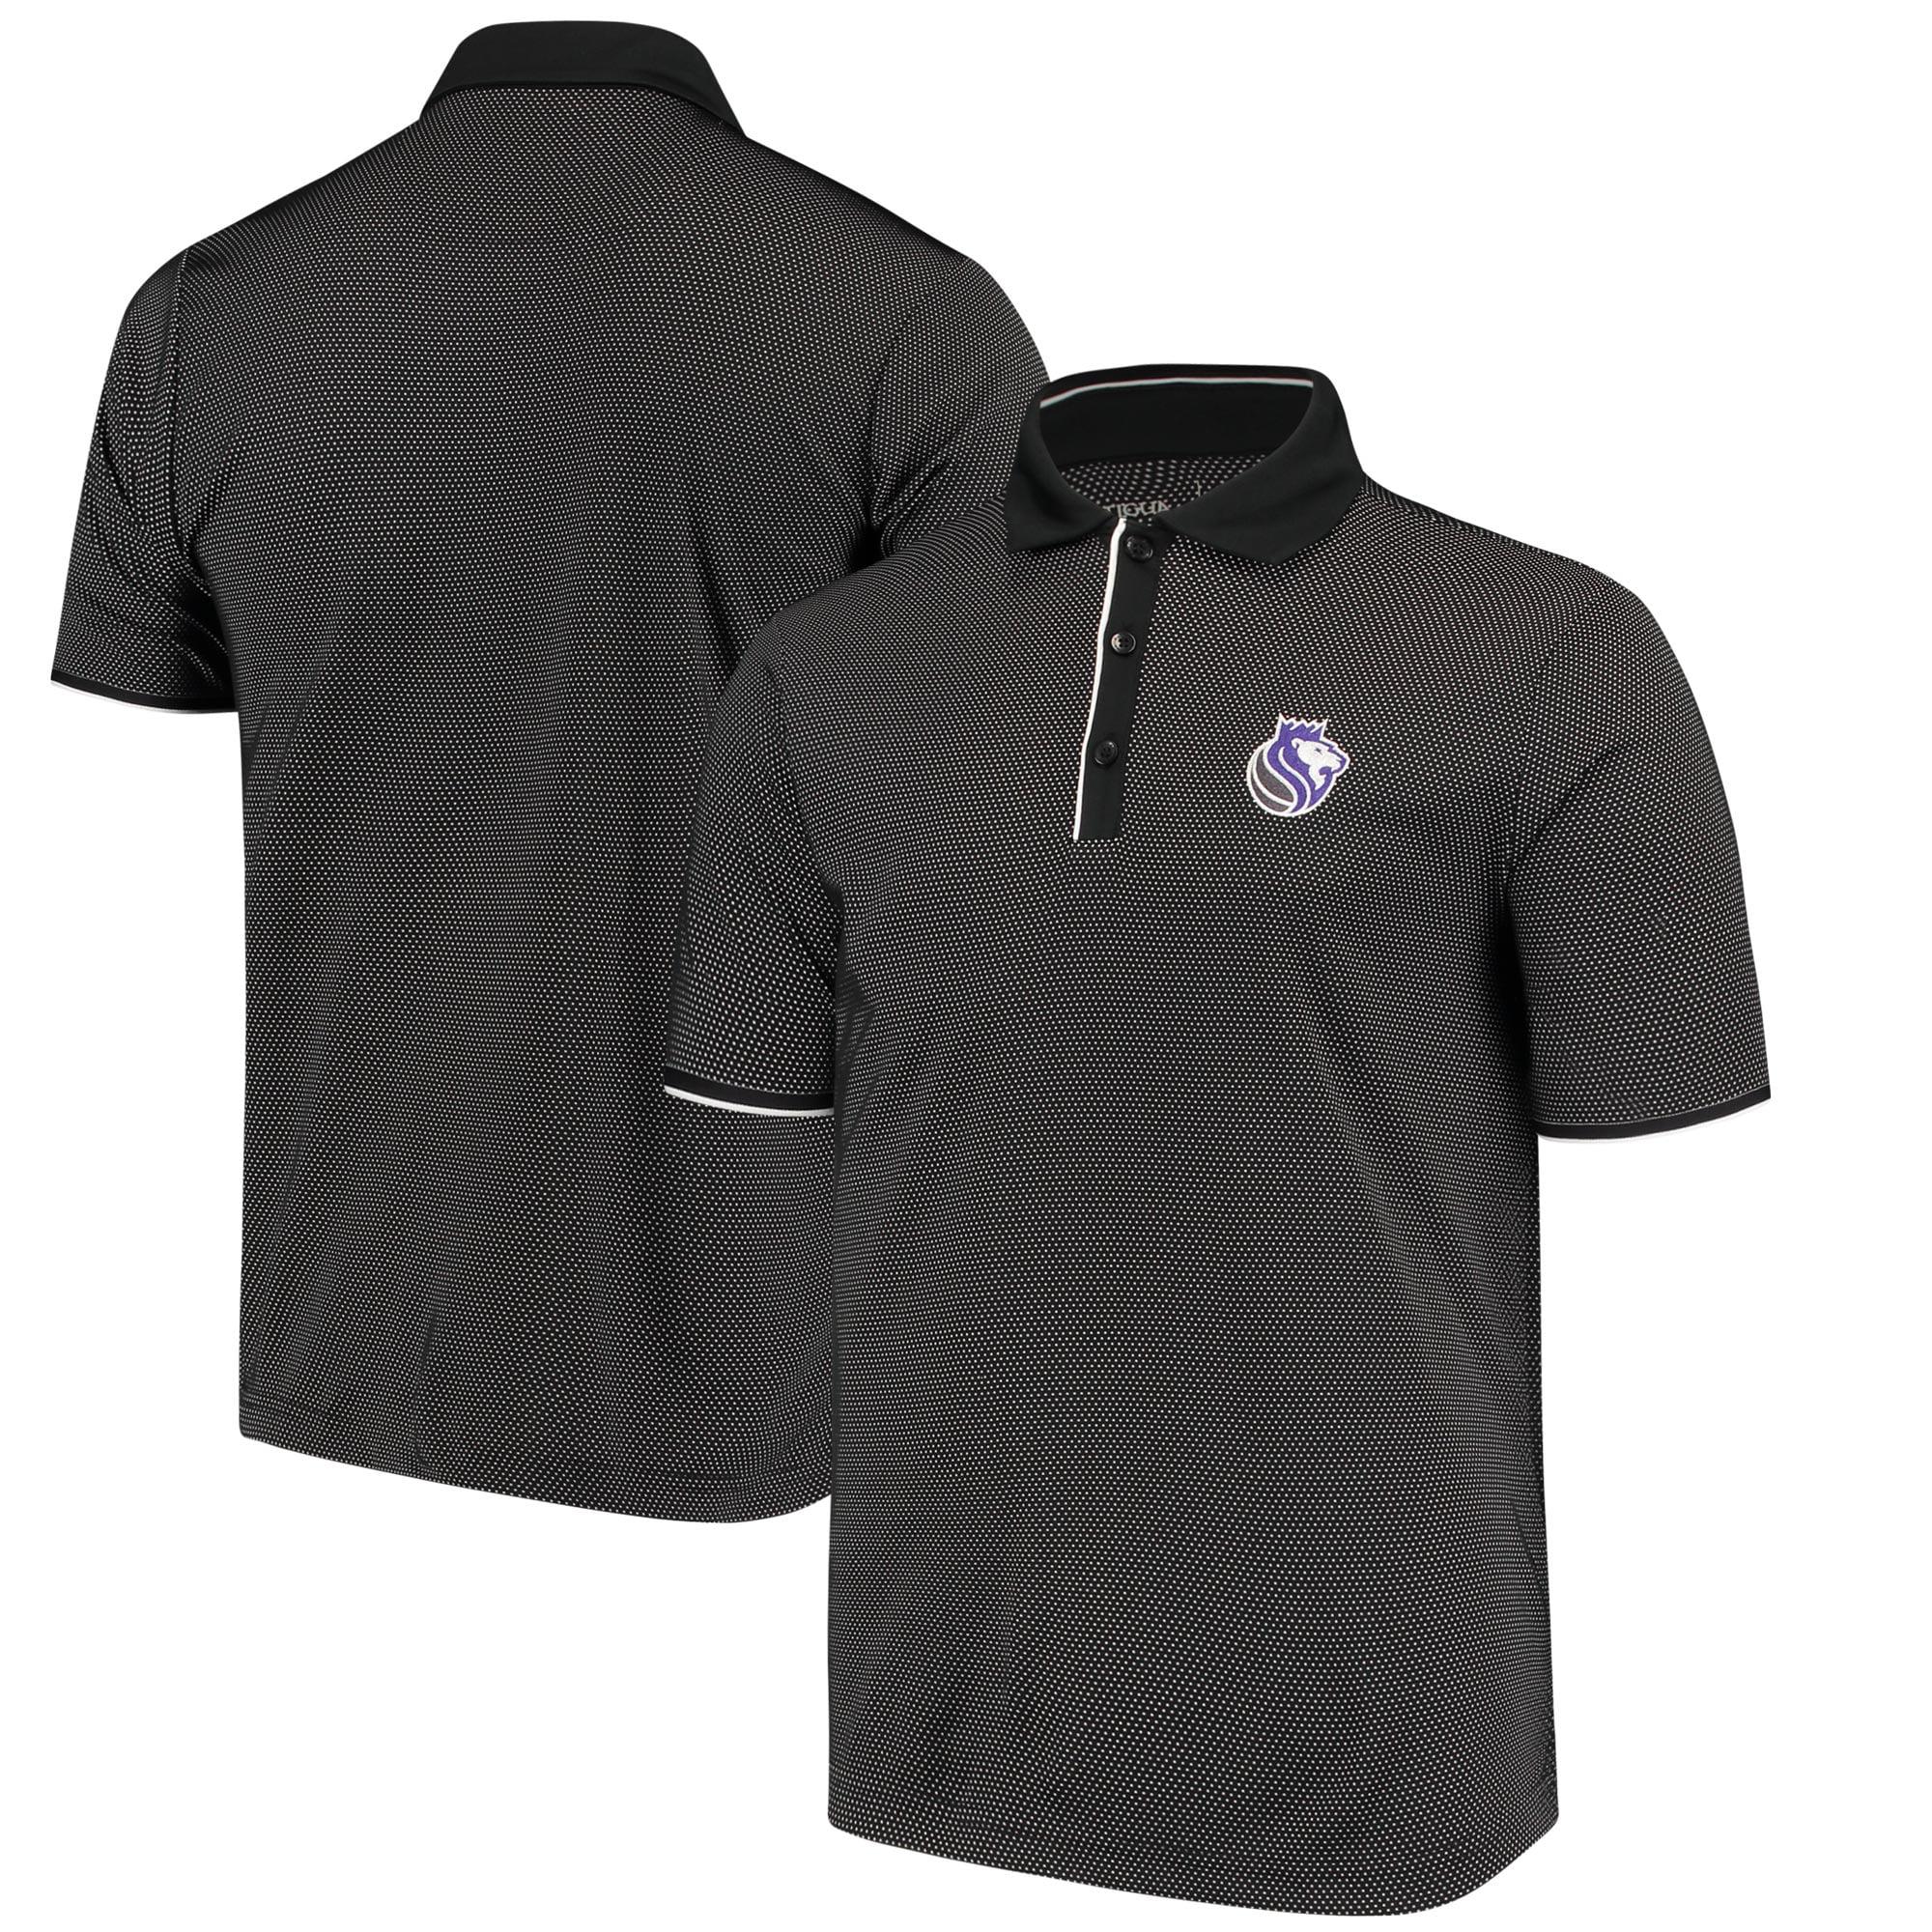 Sacramento Kings Antigua Logo Draft Polo - Black/White